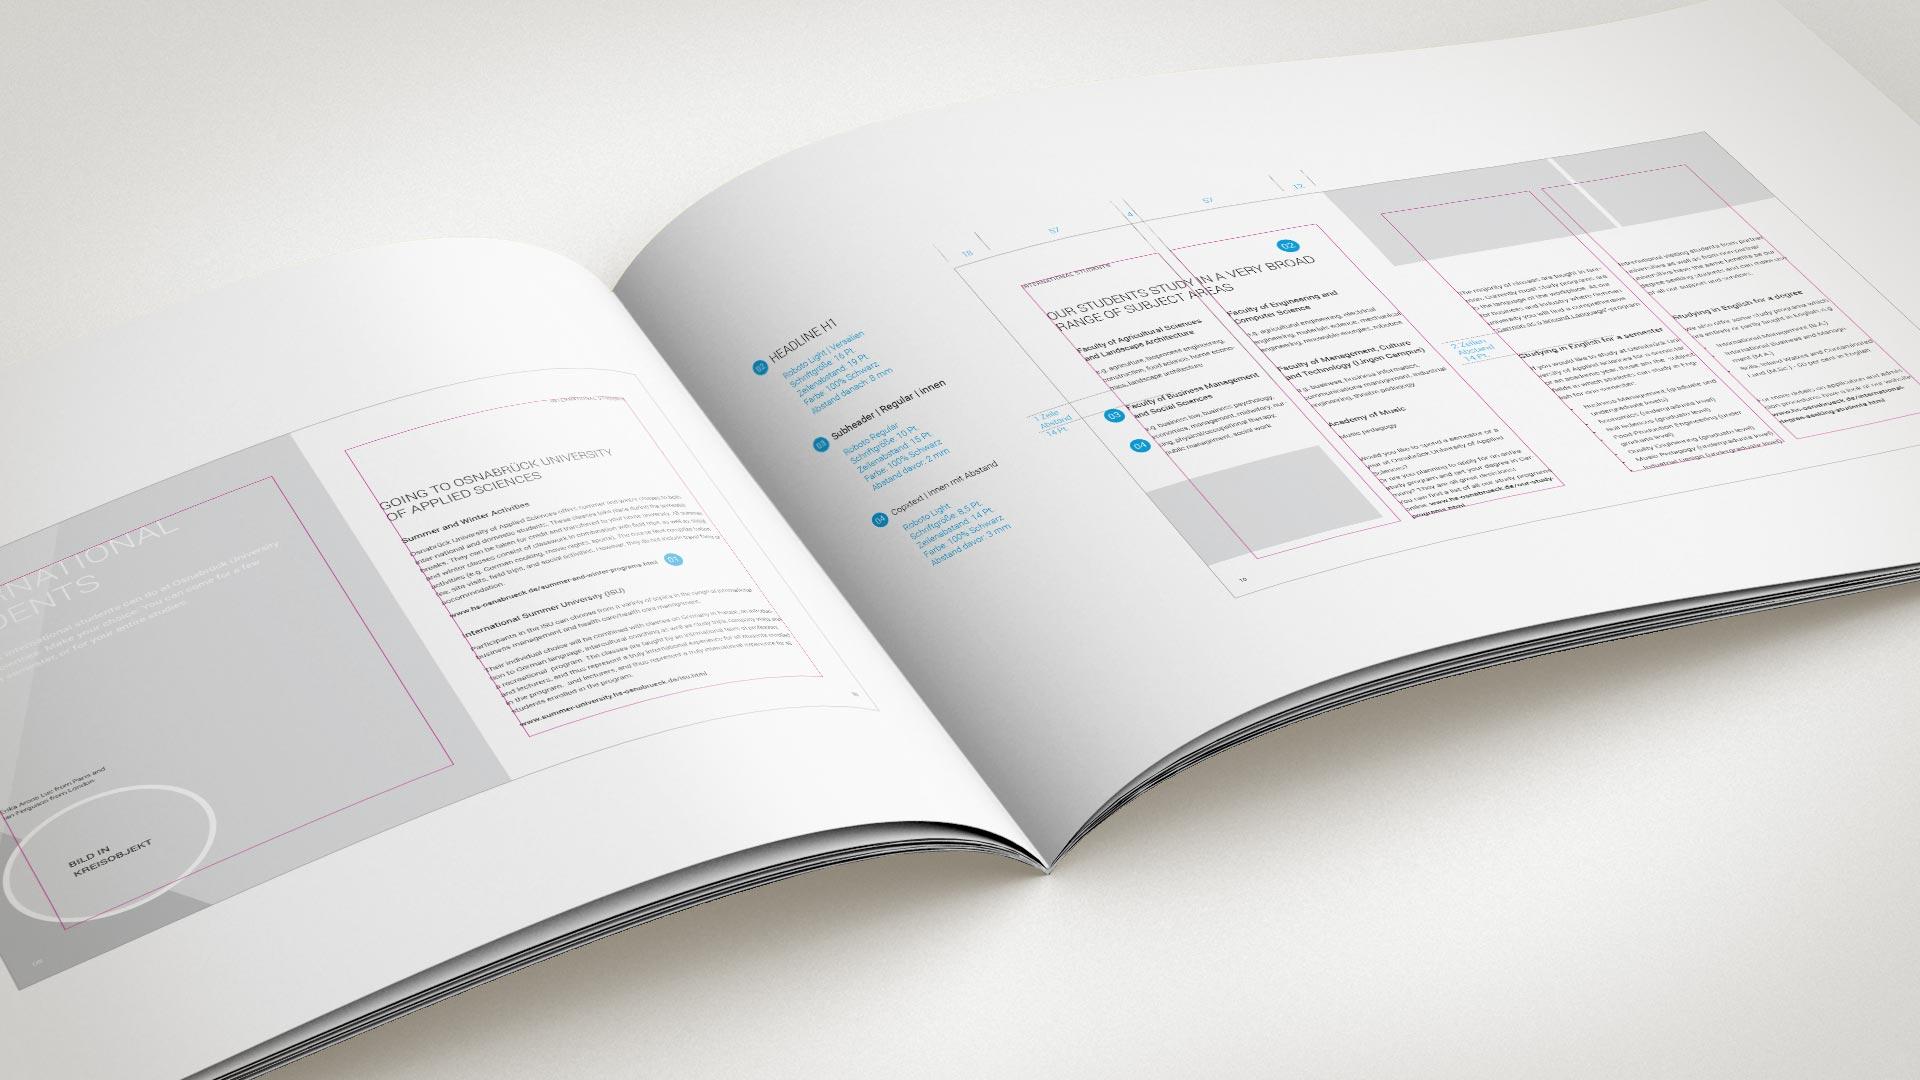 artventura-Projekt Corporate Design Entwicklung der Hochschule Osnabrück:Doppelseite des Design-Handbuches